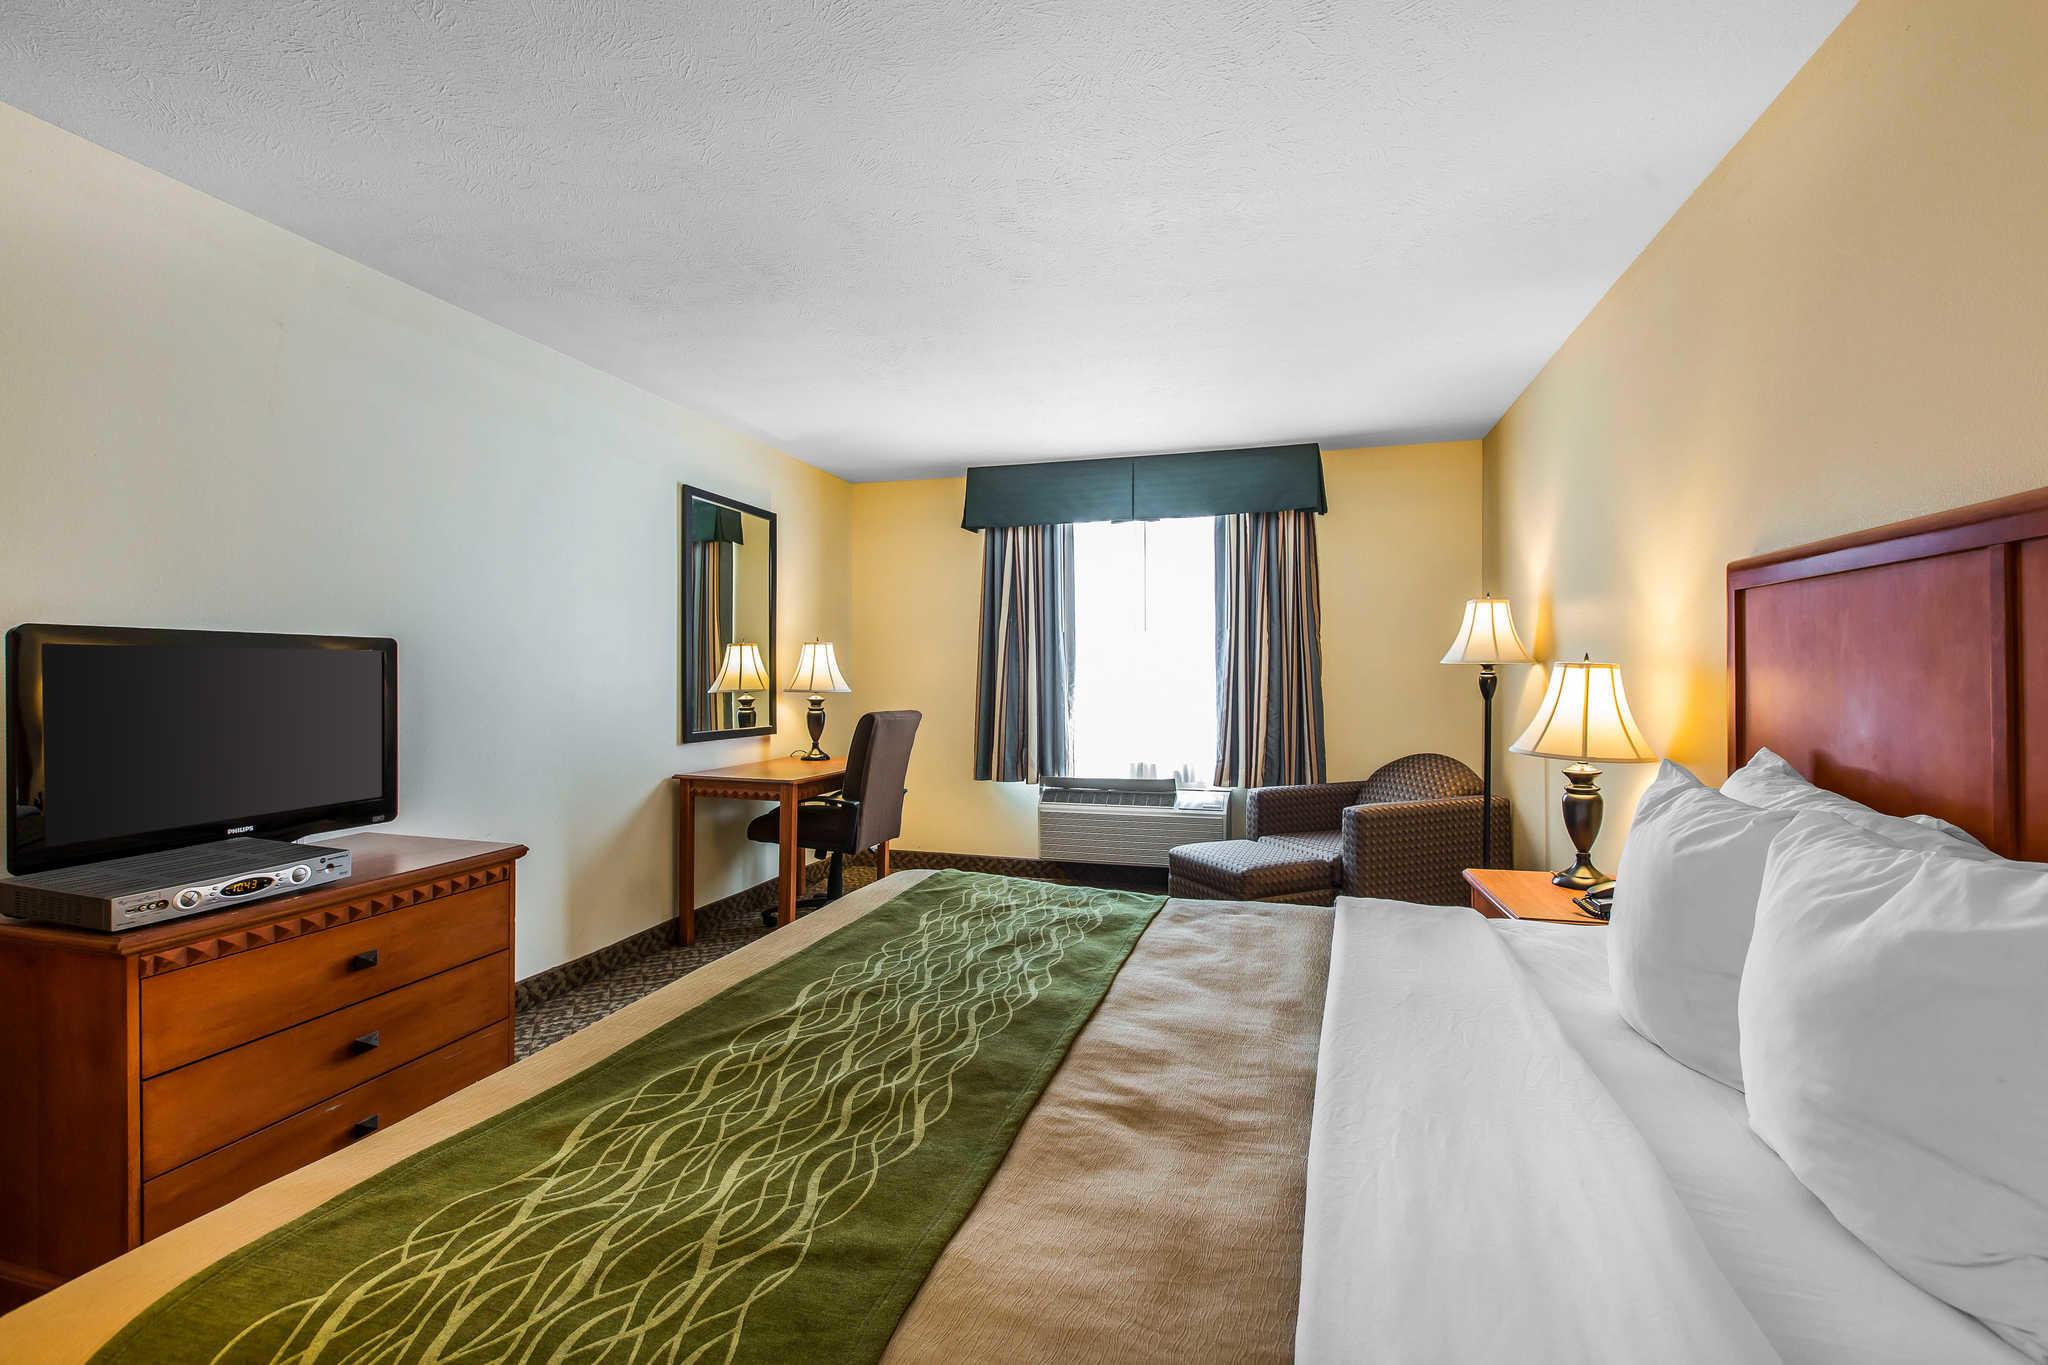 Comfort Inn & Suites El Centro I-8 image 0